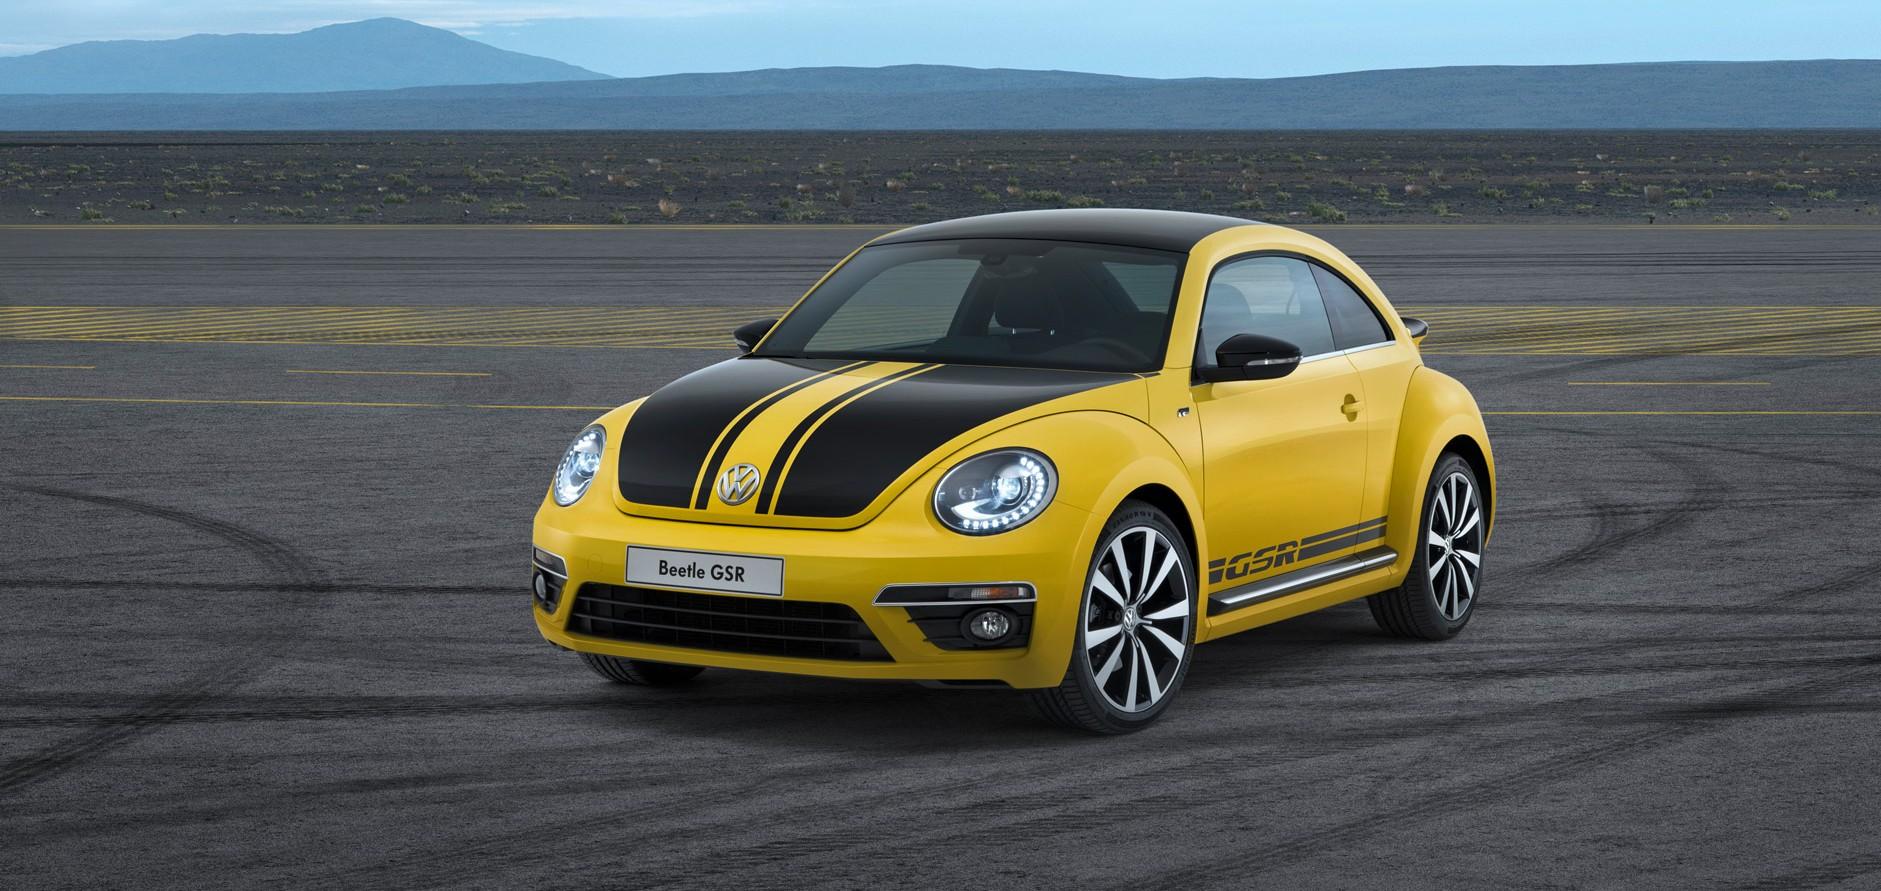 volkswagen beetle gsr 3 e1360169639923 960x454